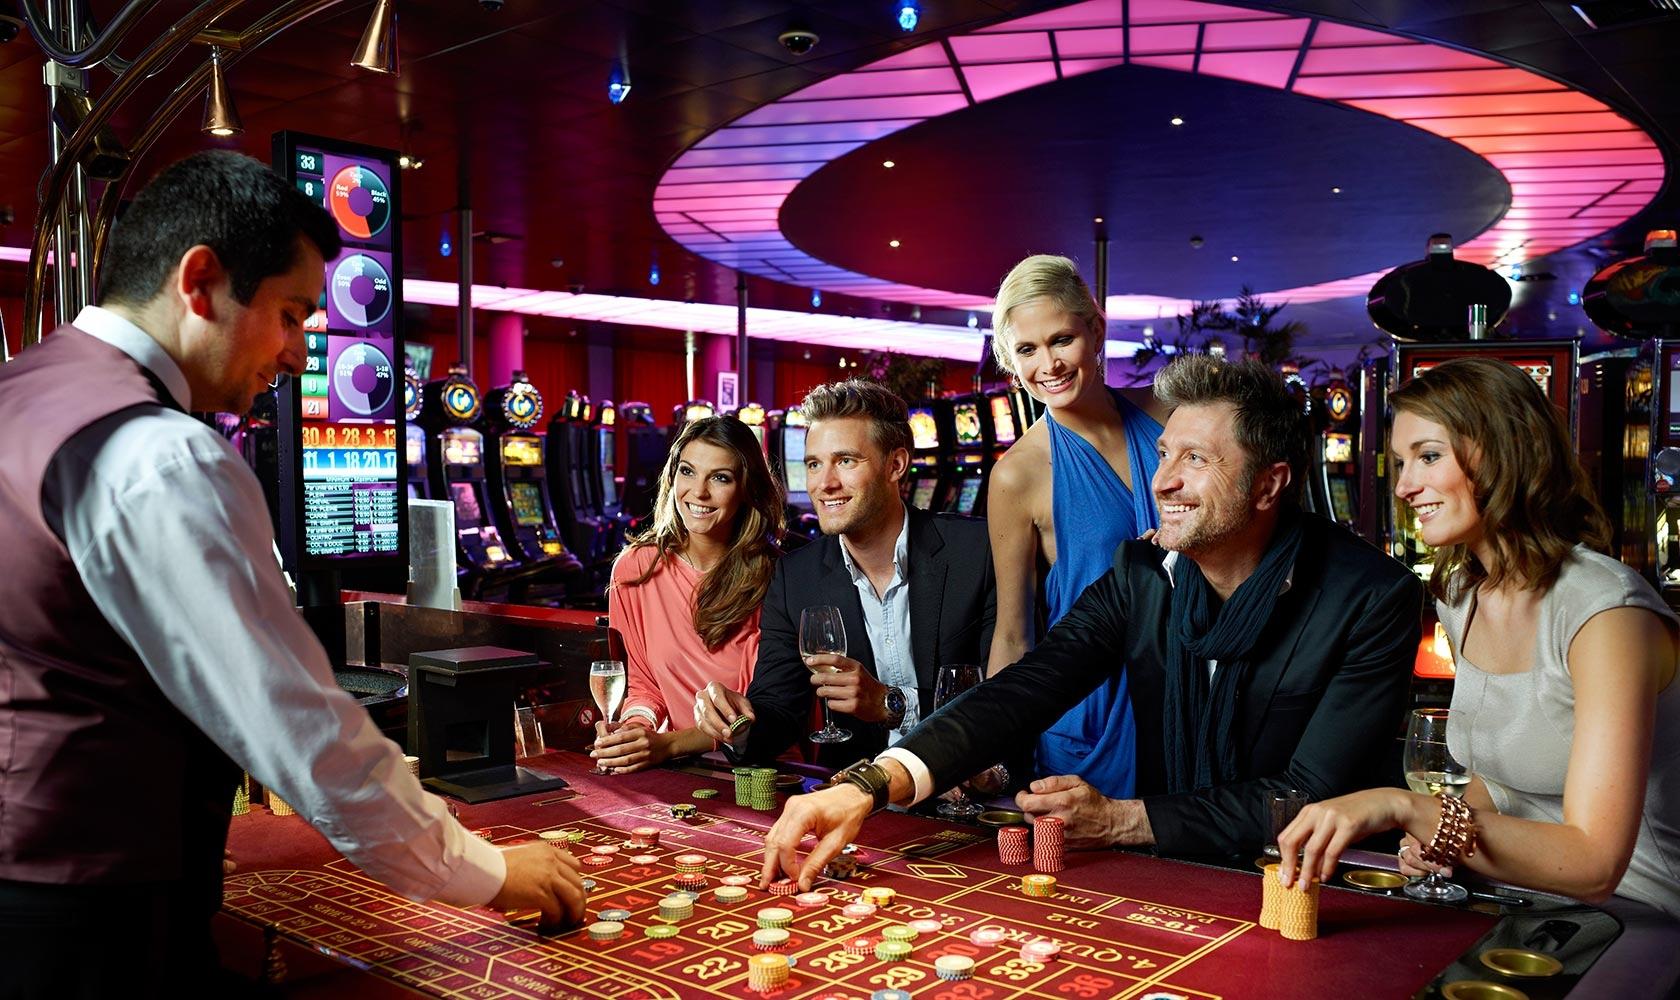 Capodanno a ca noghera casino